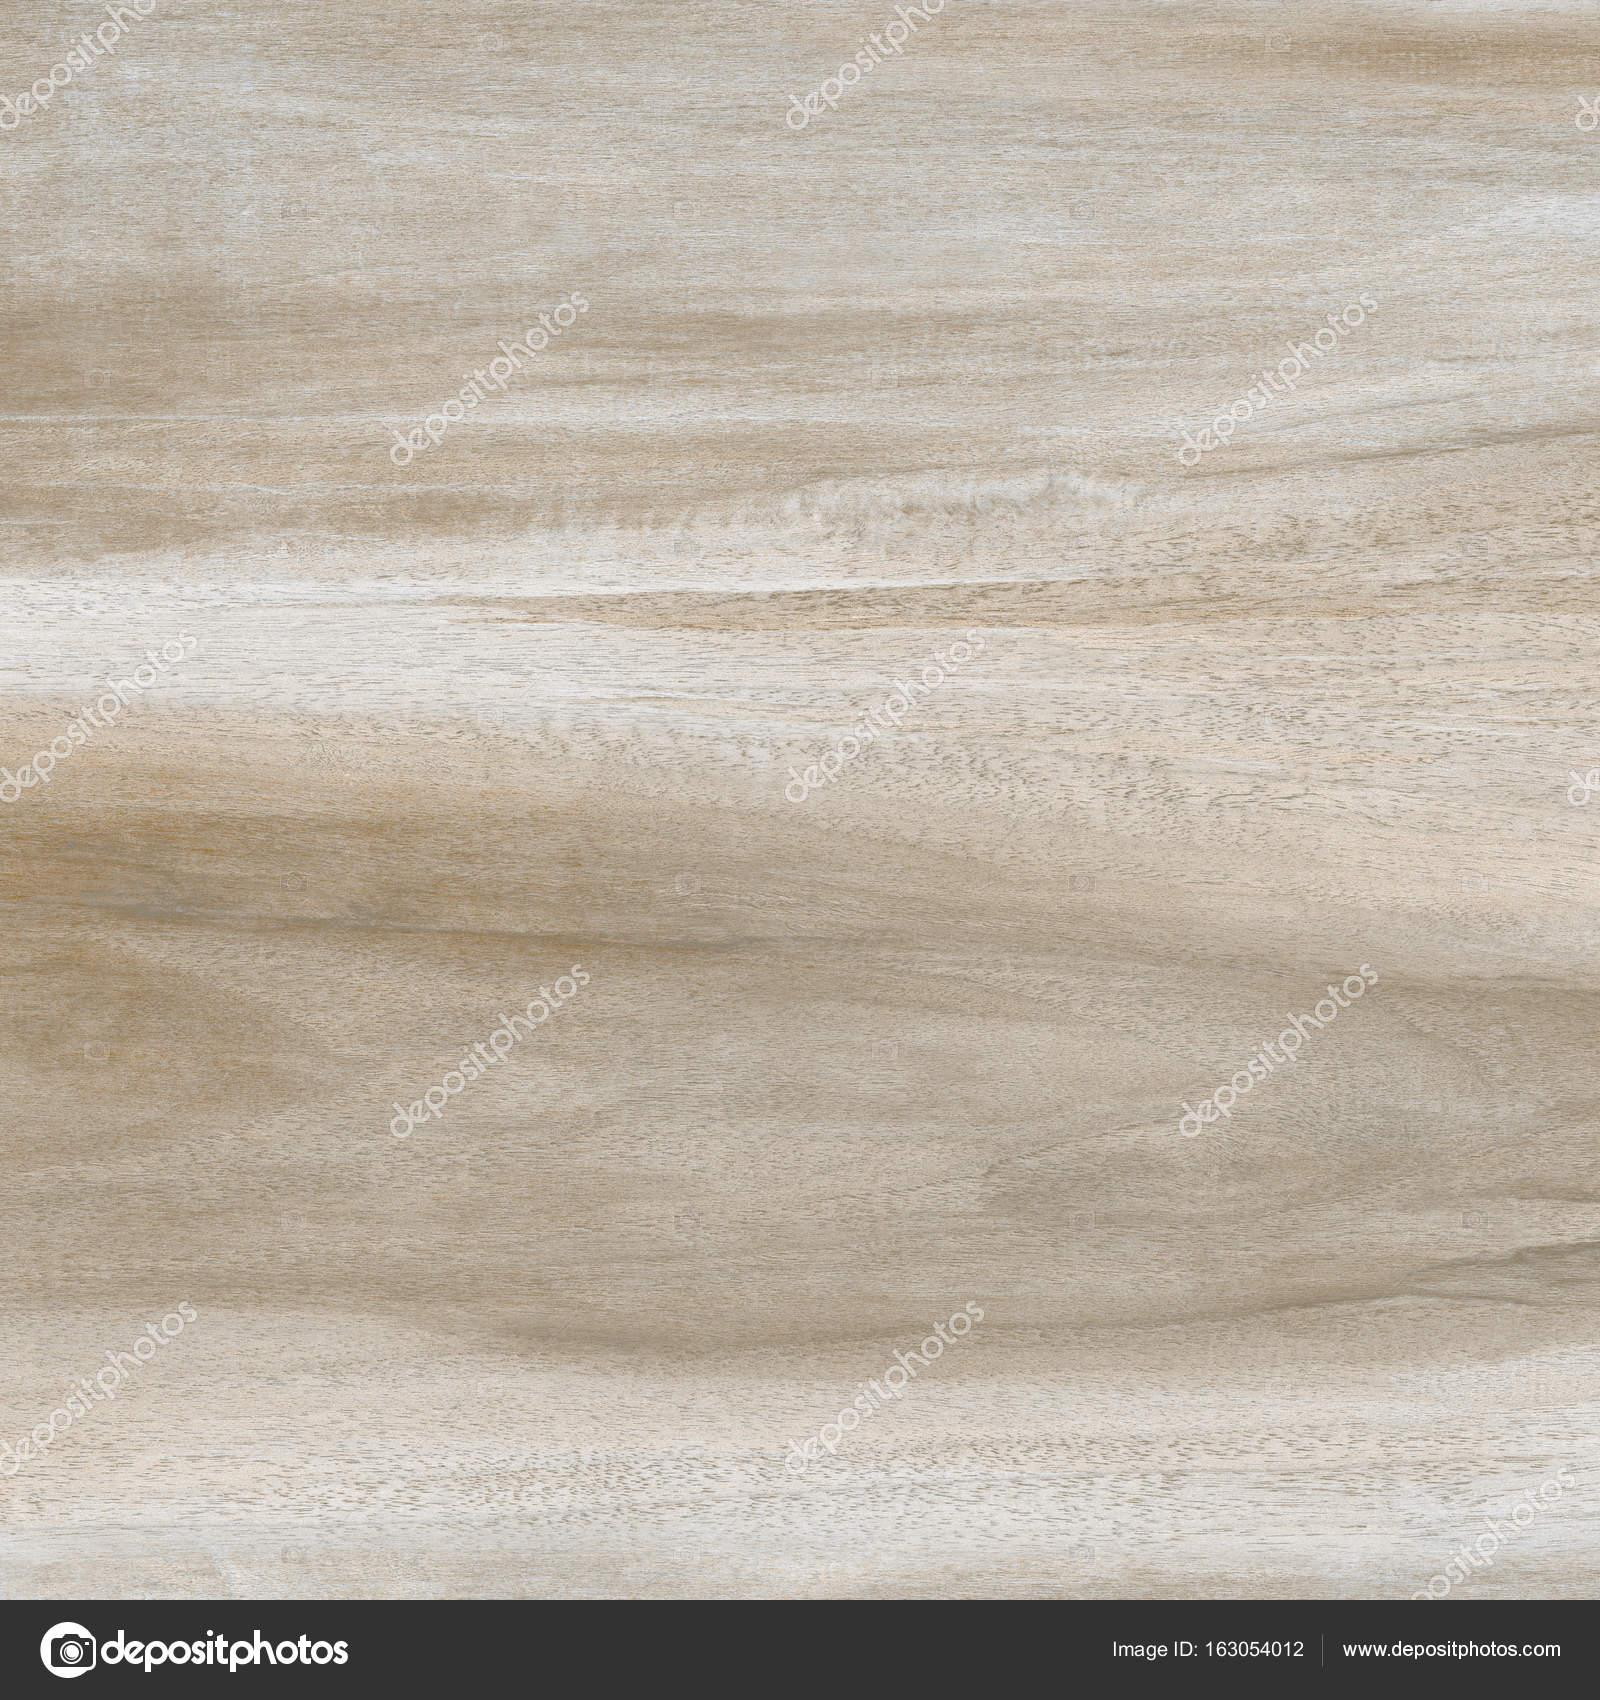 Hintergrund Fur Wandfliesen Textur Stockfoto C Sorg218 Gmail Com